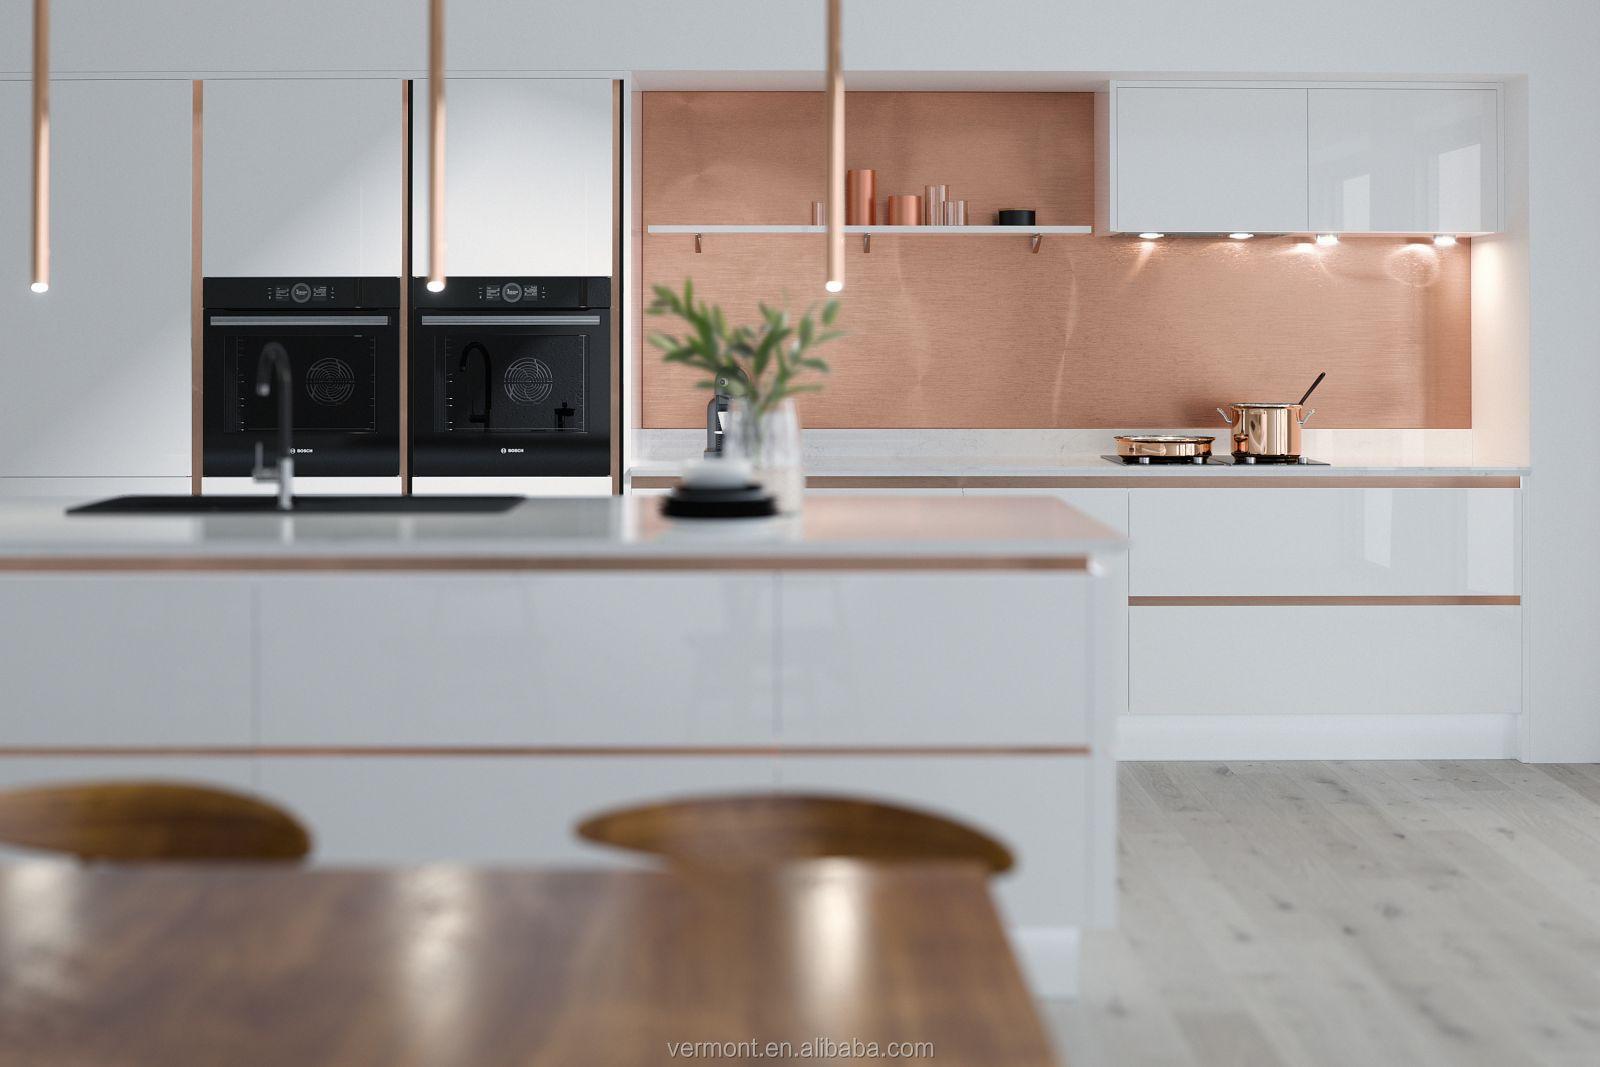 colorful kitchen cabinets design software free 2018 红色多彩现代厨柜 酒店厨房家具 定制厨房 buy 厨柜 现代厨房